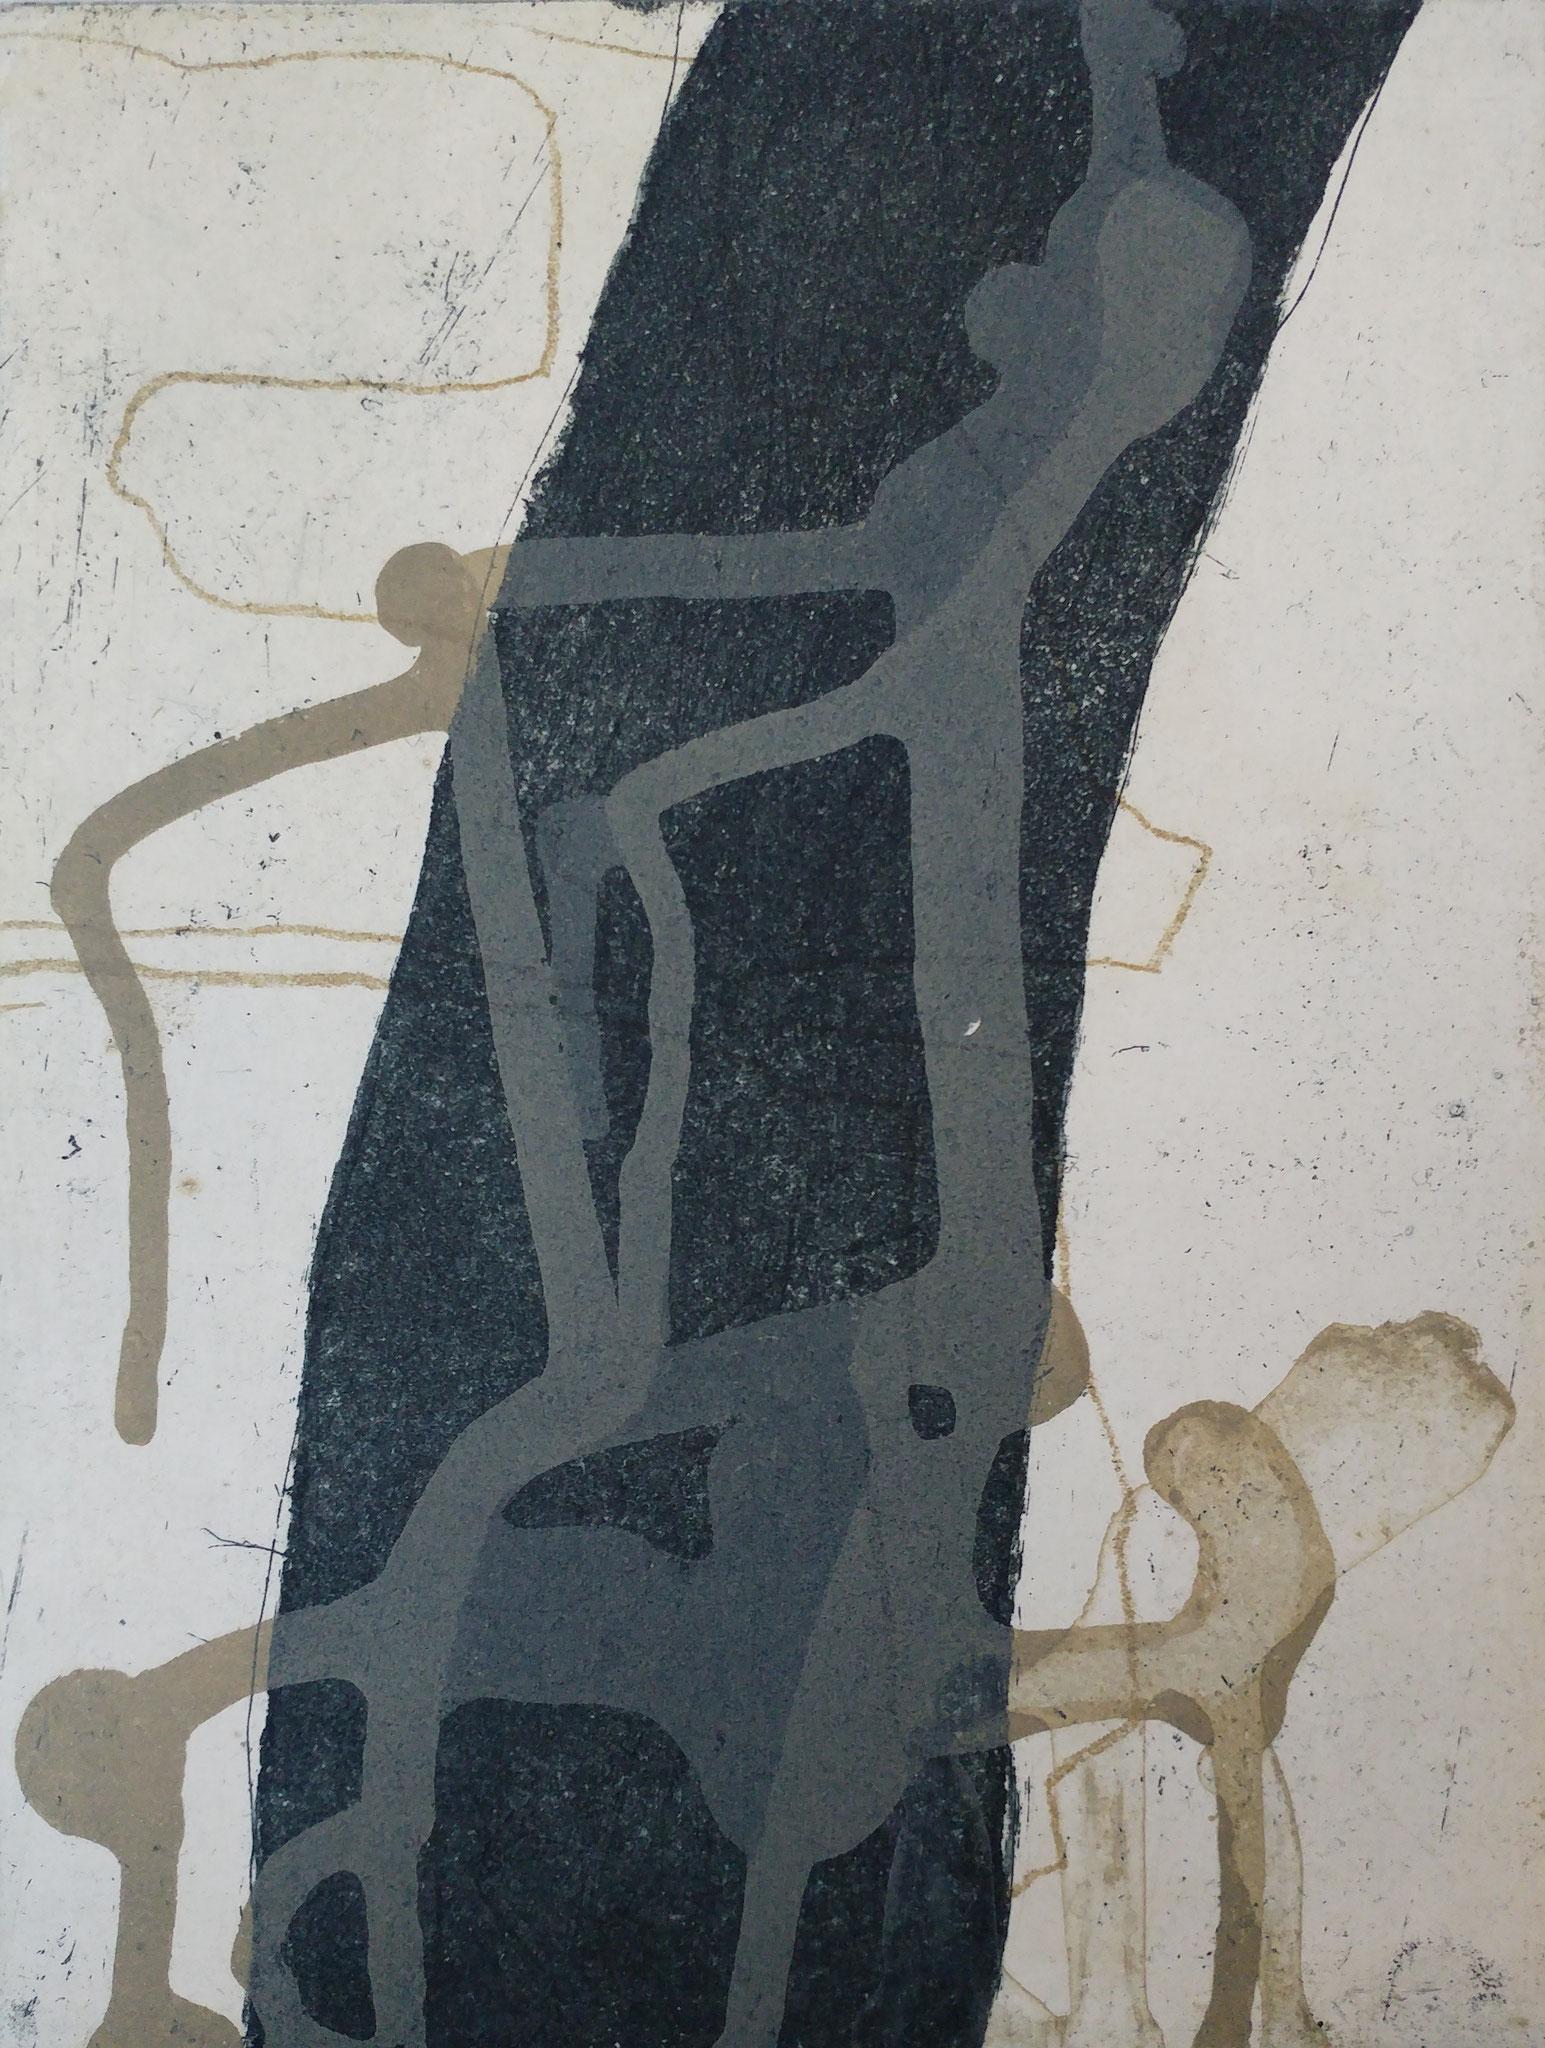 Ets, aquatint, 20x15 cm 2018